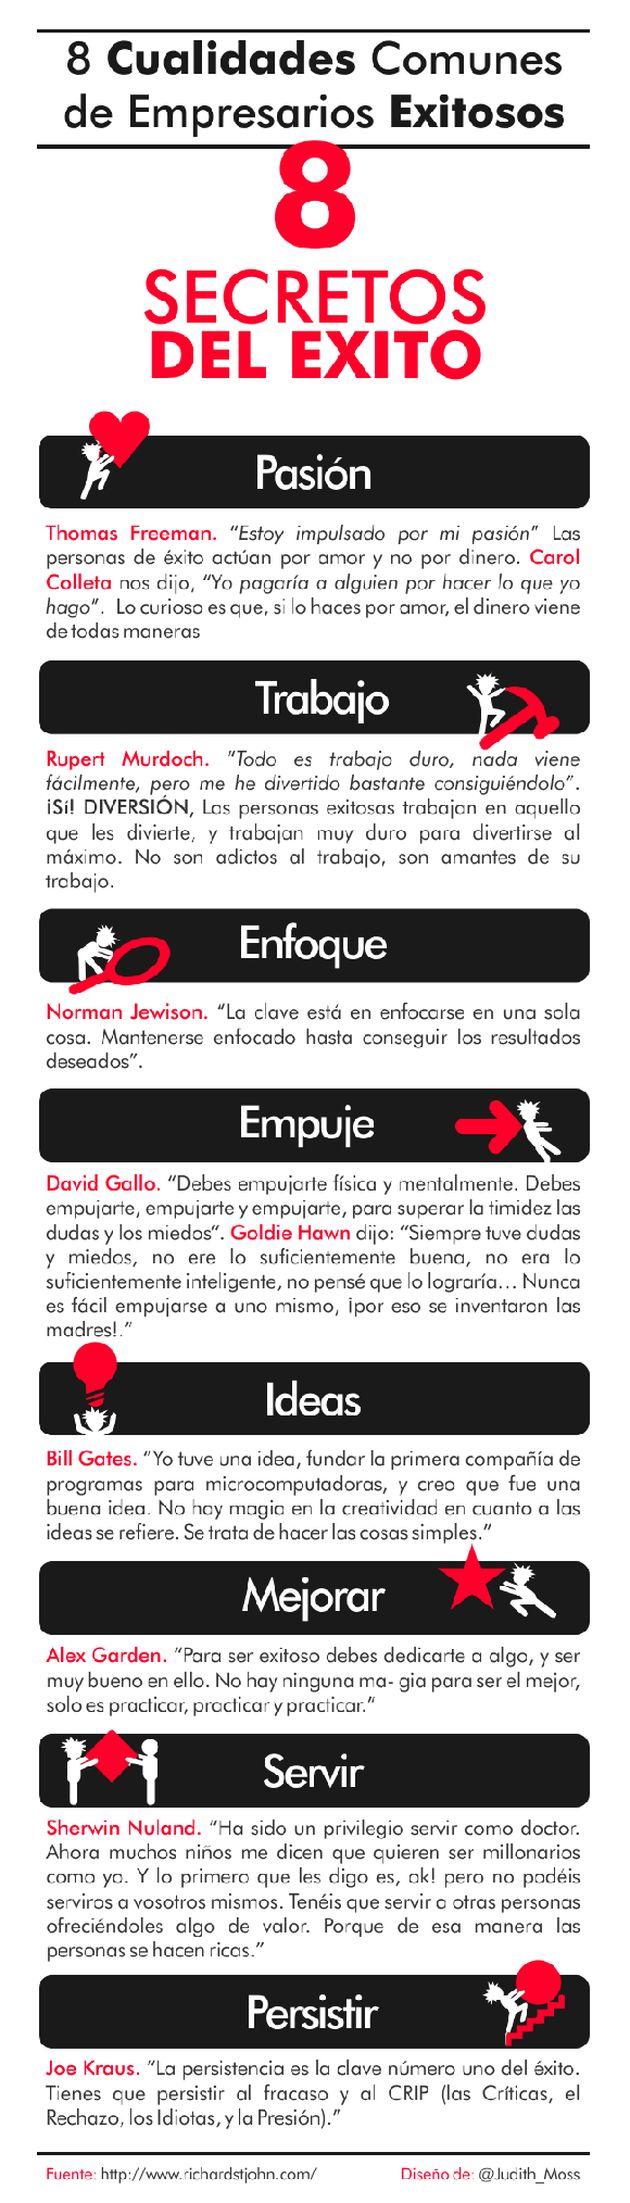 8 cualidades comunes en emprendedores de éxito